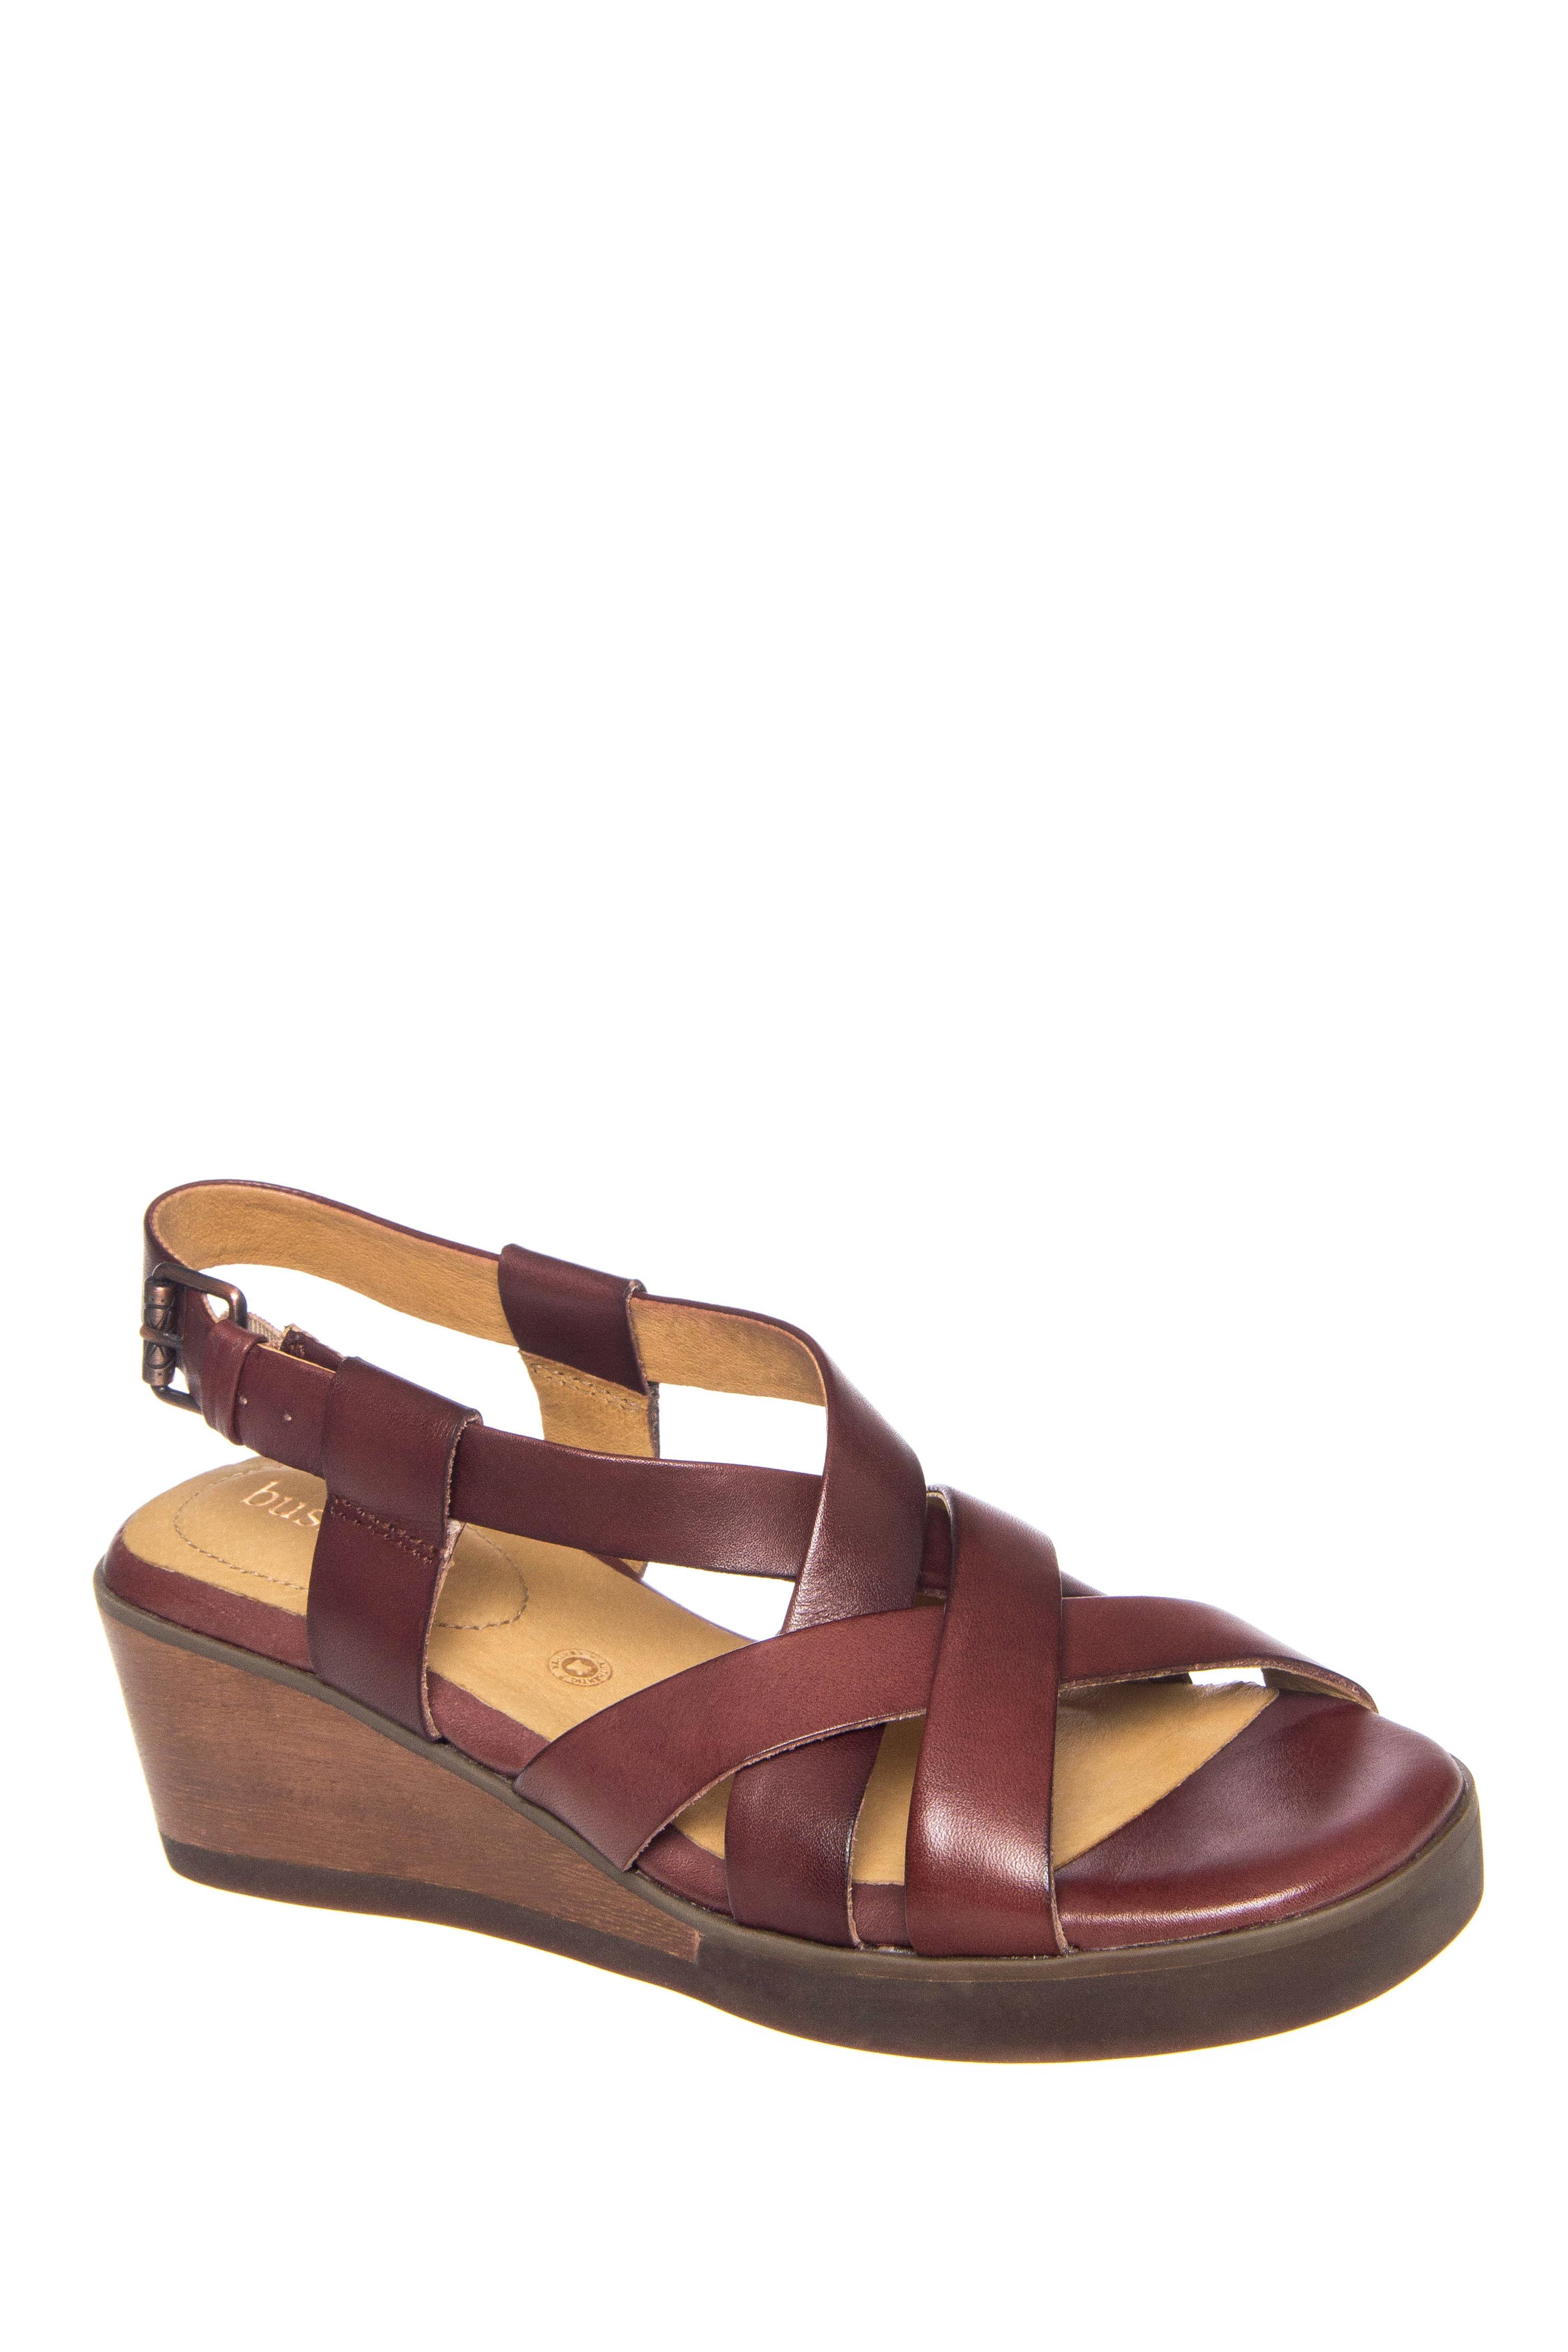 Bussola Massa Mid Wedge Sandals - Corten